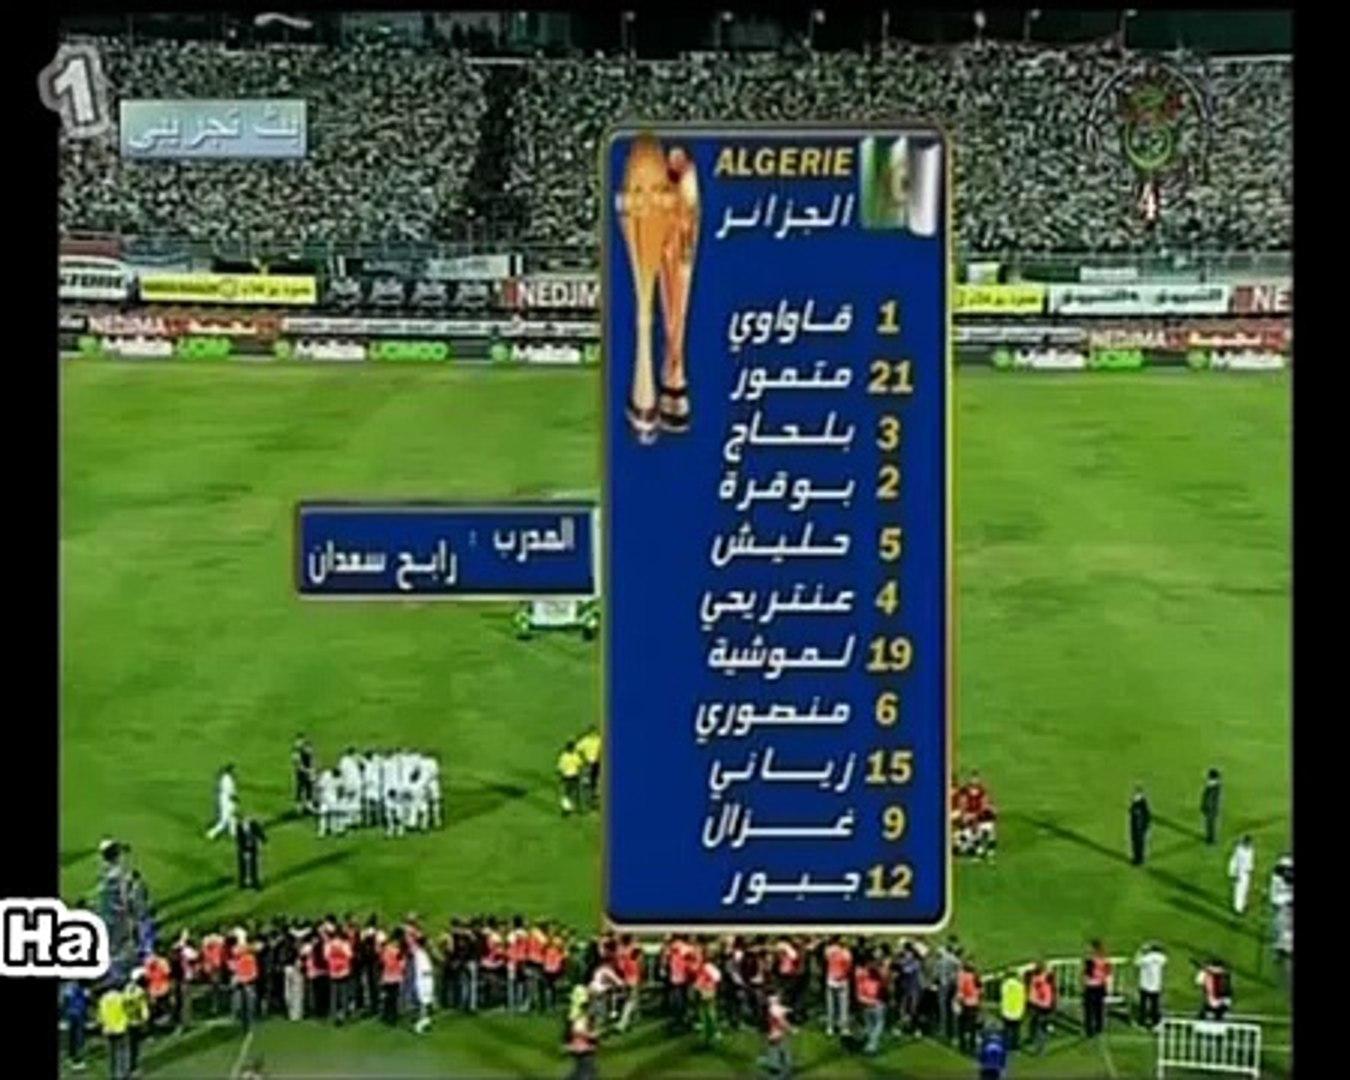 اهداف الجزائر ضد مصر    الجزائر 3 - مصر 1 (ملحمة البليدة)